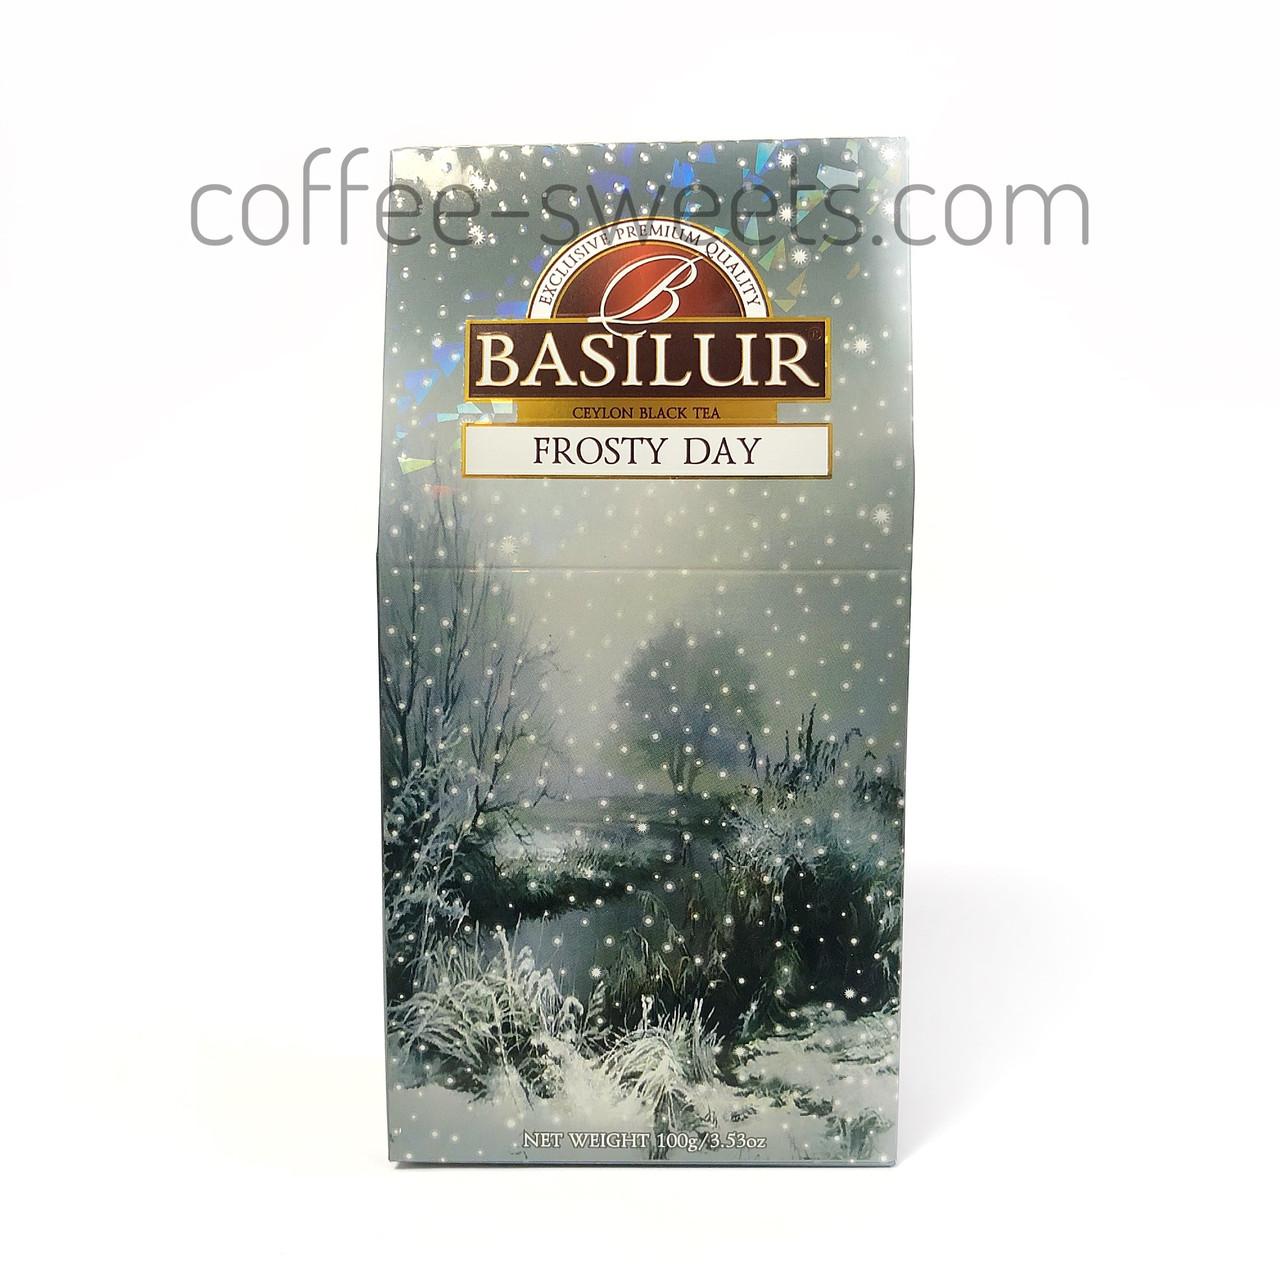 Чай черный Basilur Подарочная коллекция Frosty day (Морозный день) 100гр